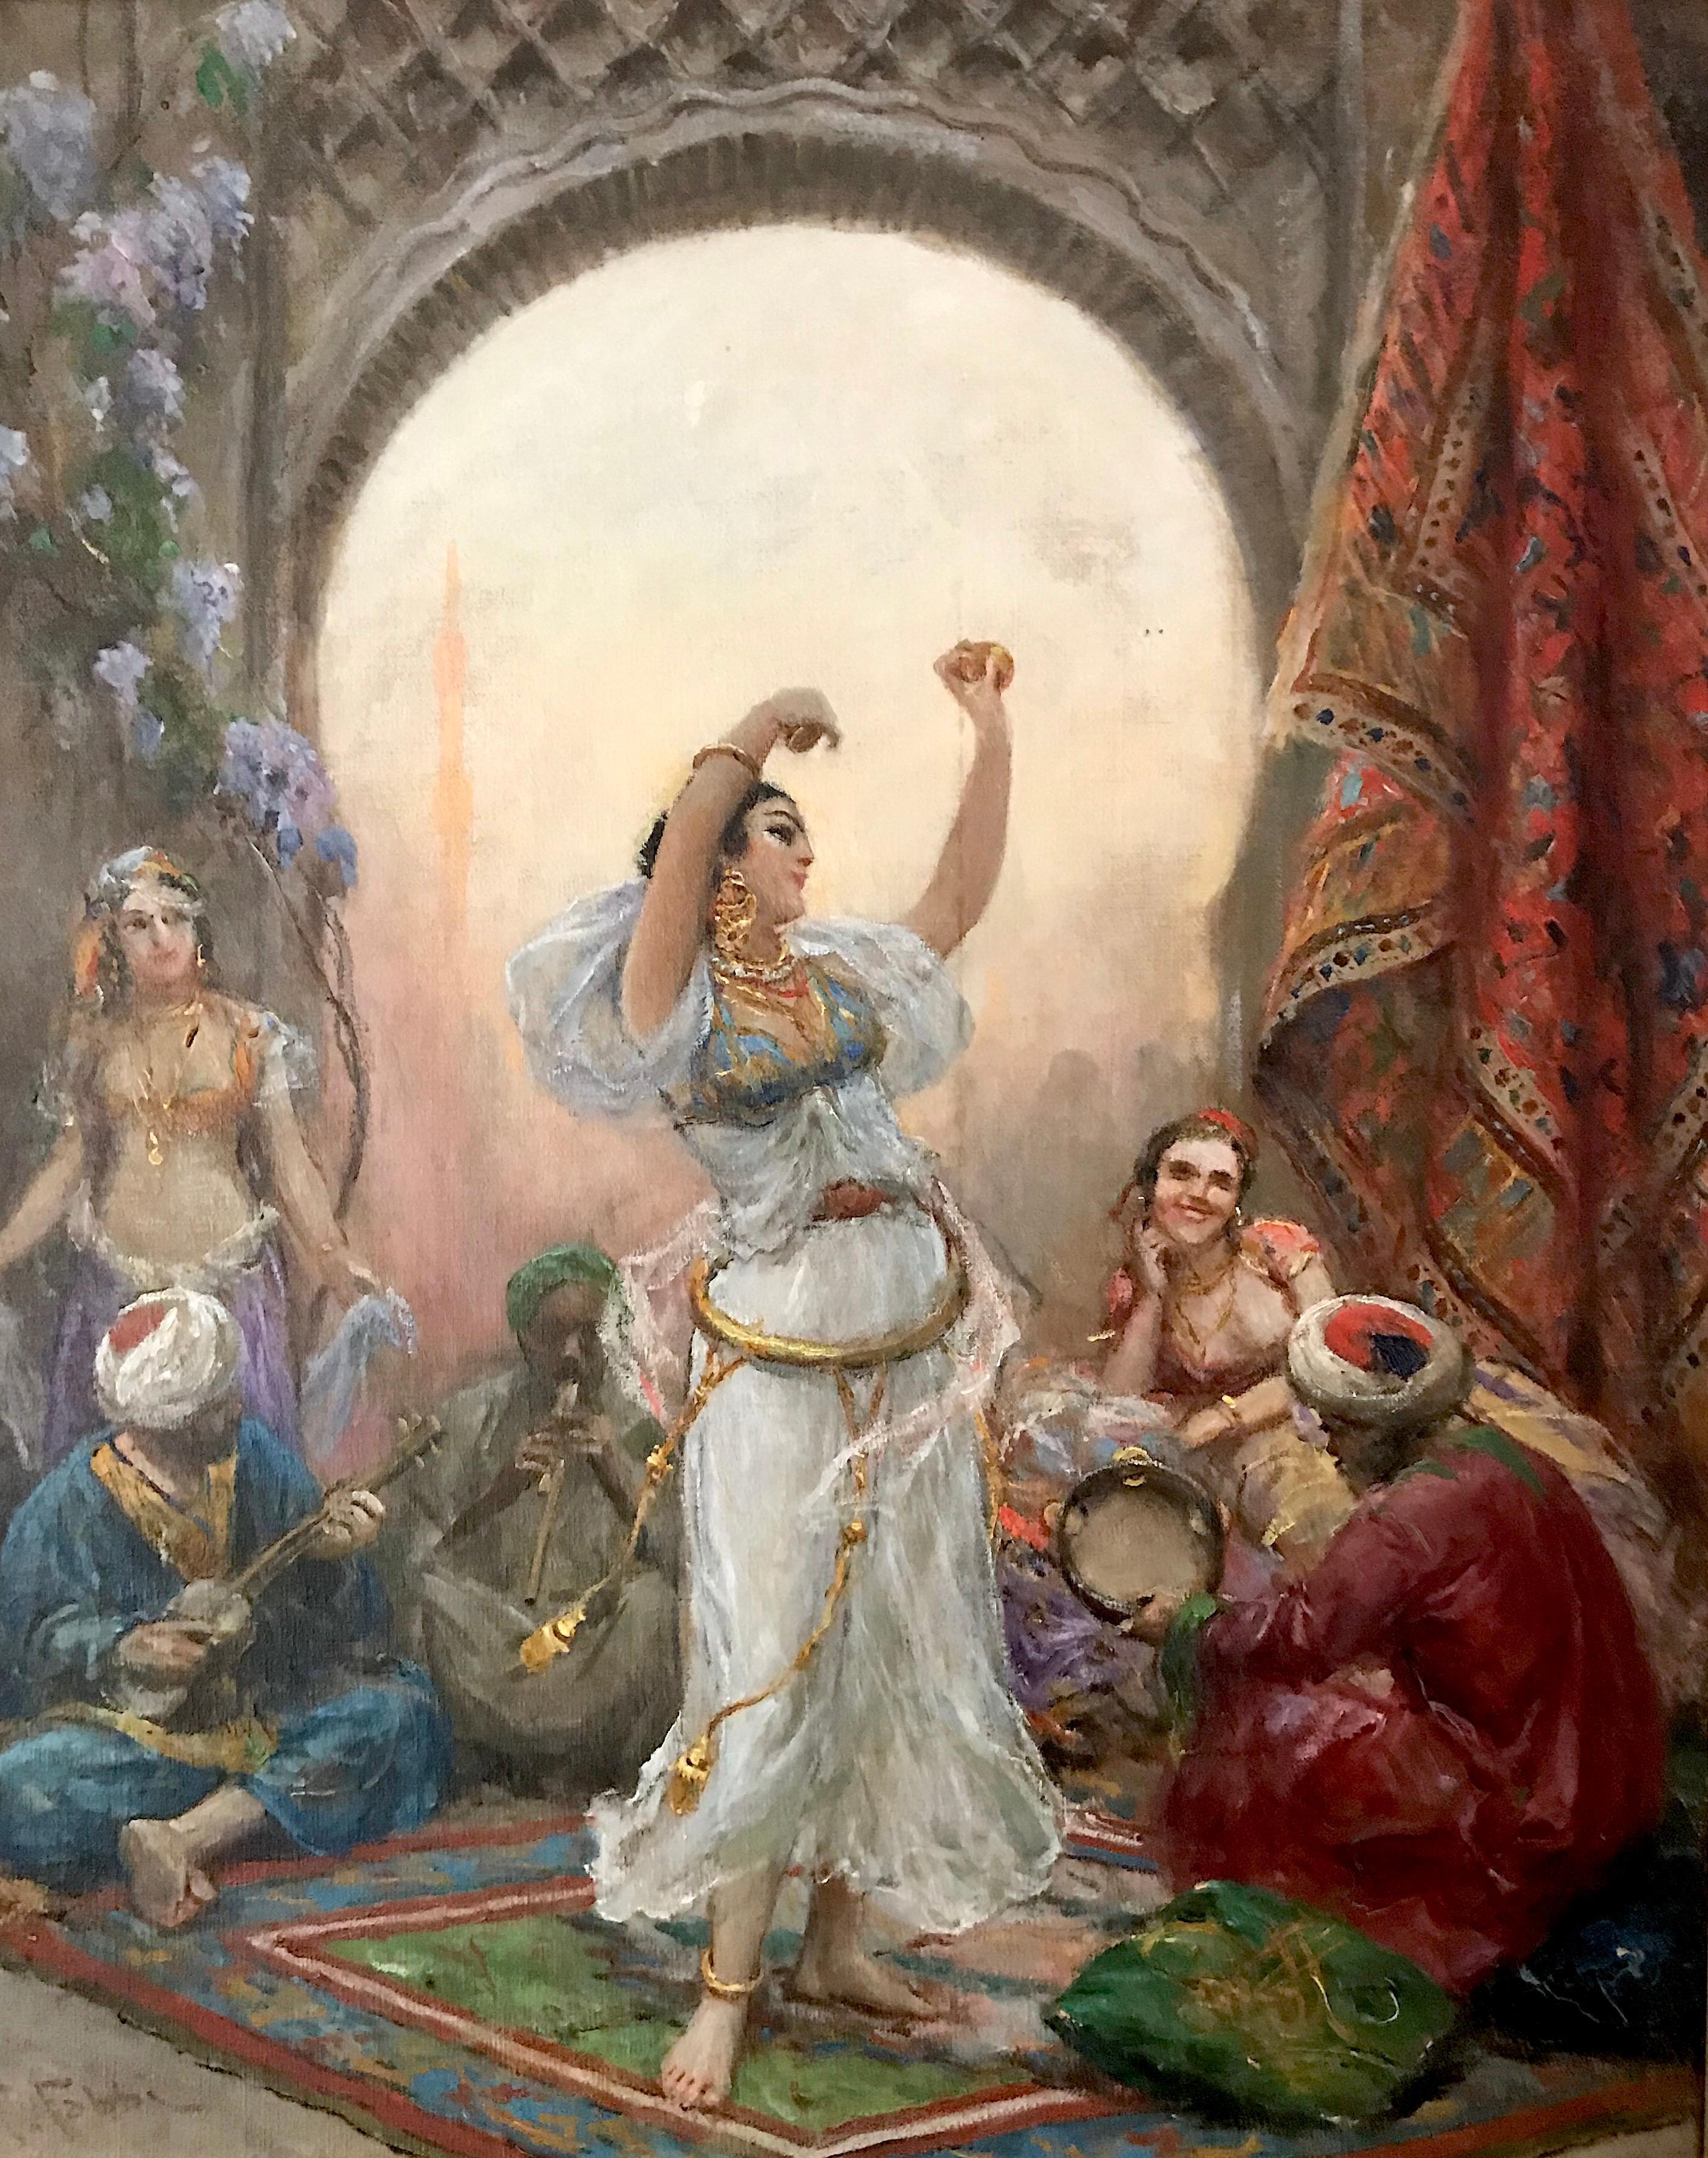 Antique Original Oil Painting by Fabio Fabbi